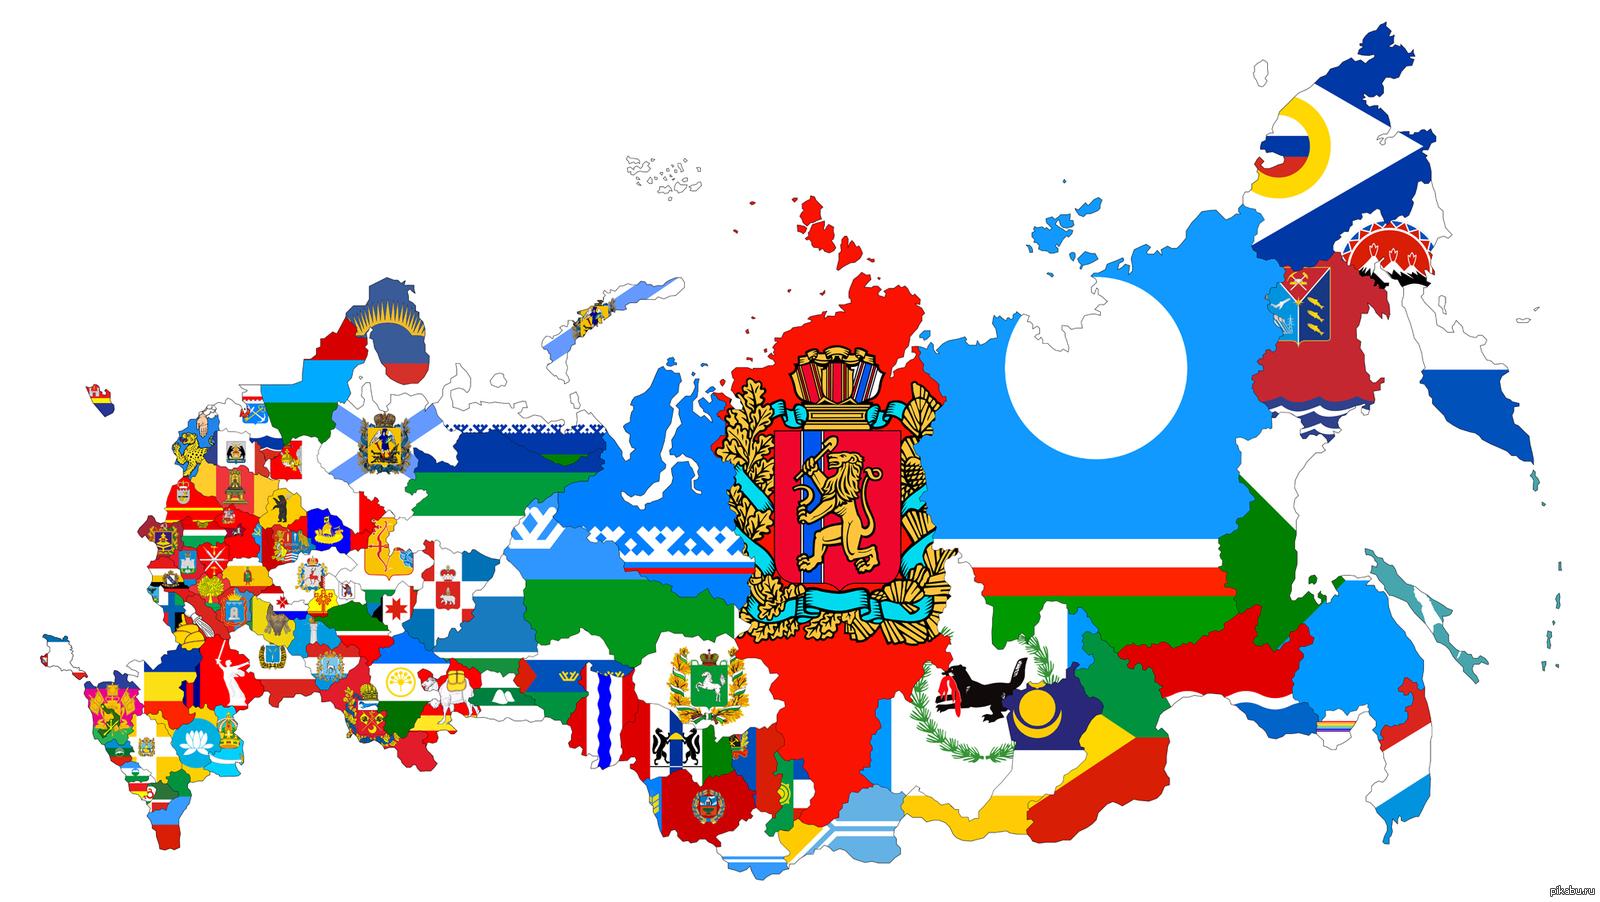 модели все регионы в мире картинки результатов производится встроенным